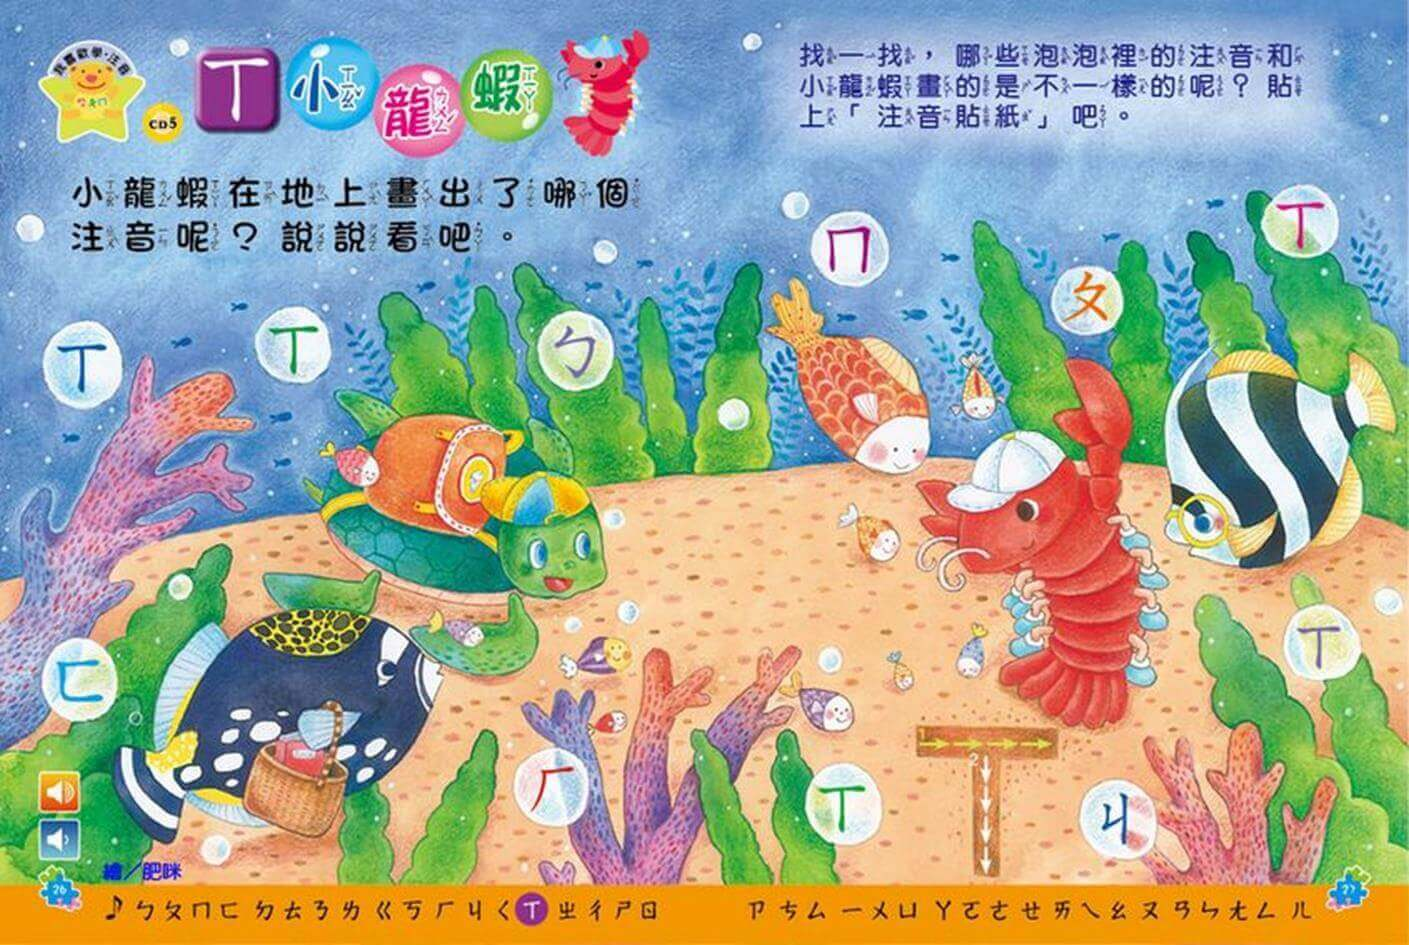 052916 1042 NO6 - 全國兒童樂園 小飛蛙月刊 NO.306 期出刊囉!